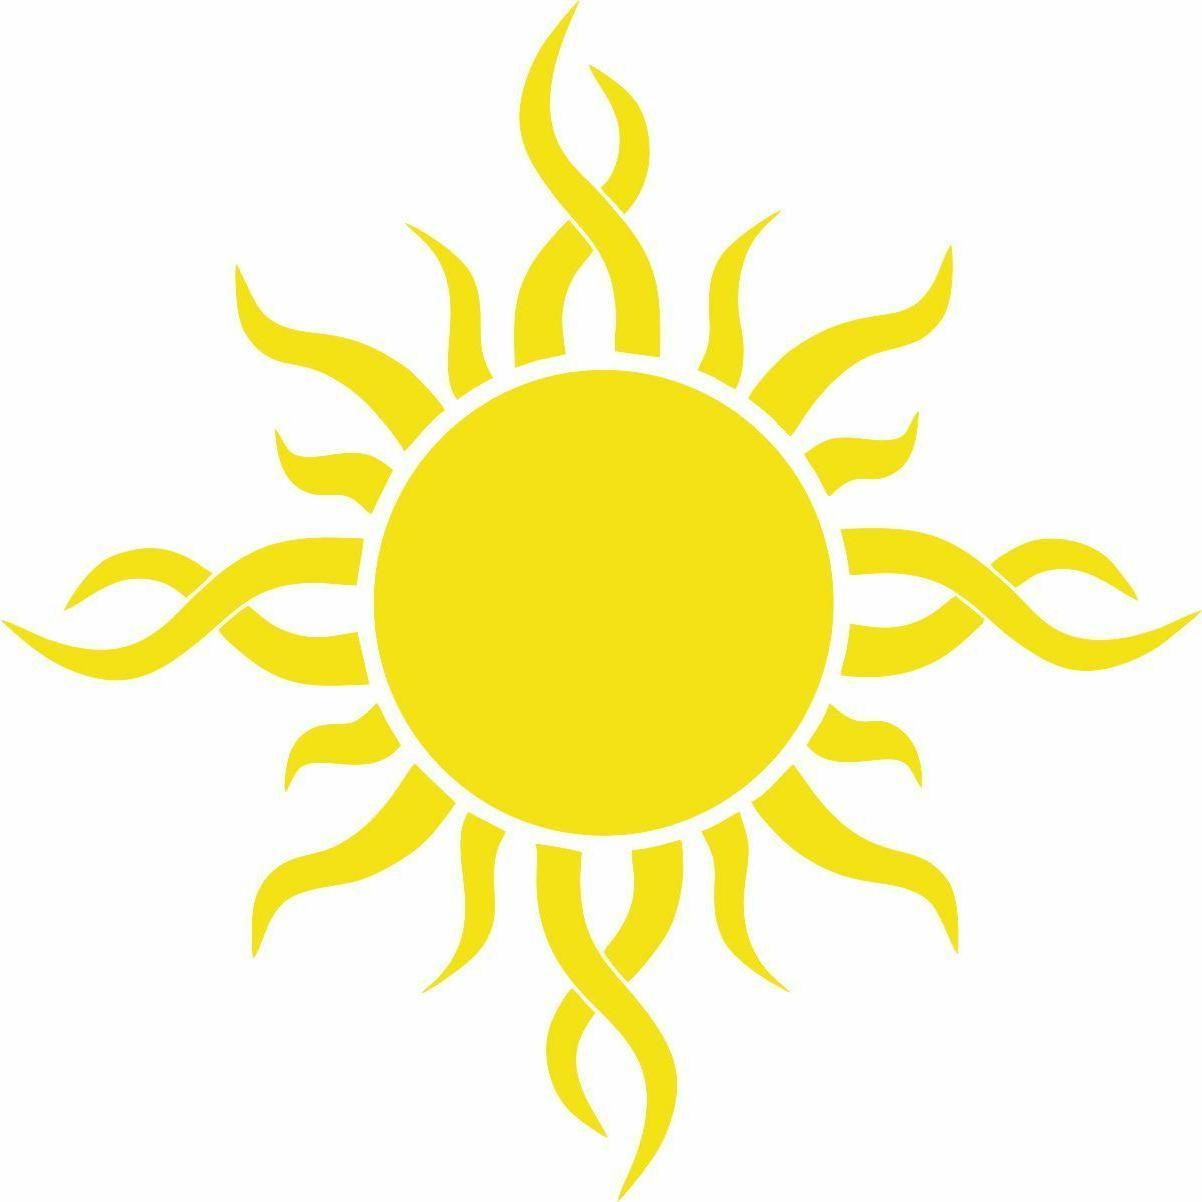 sun vinyl decal car bumper tribal sun